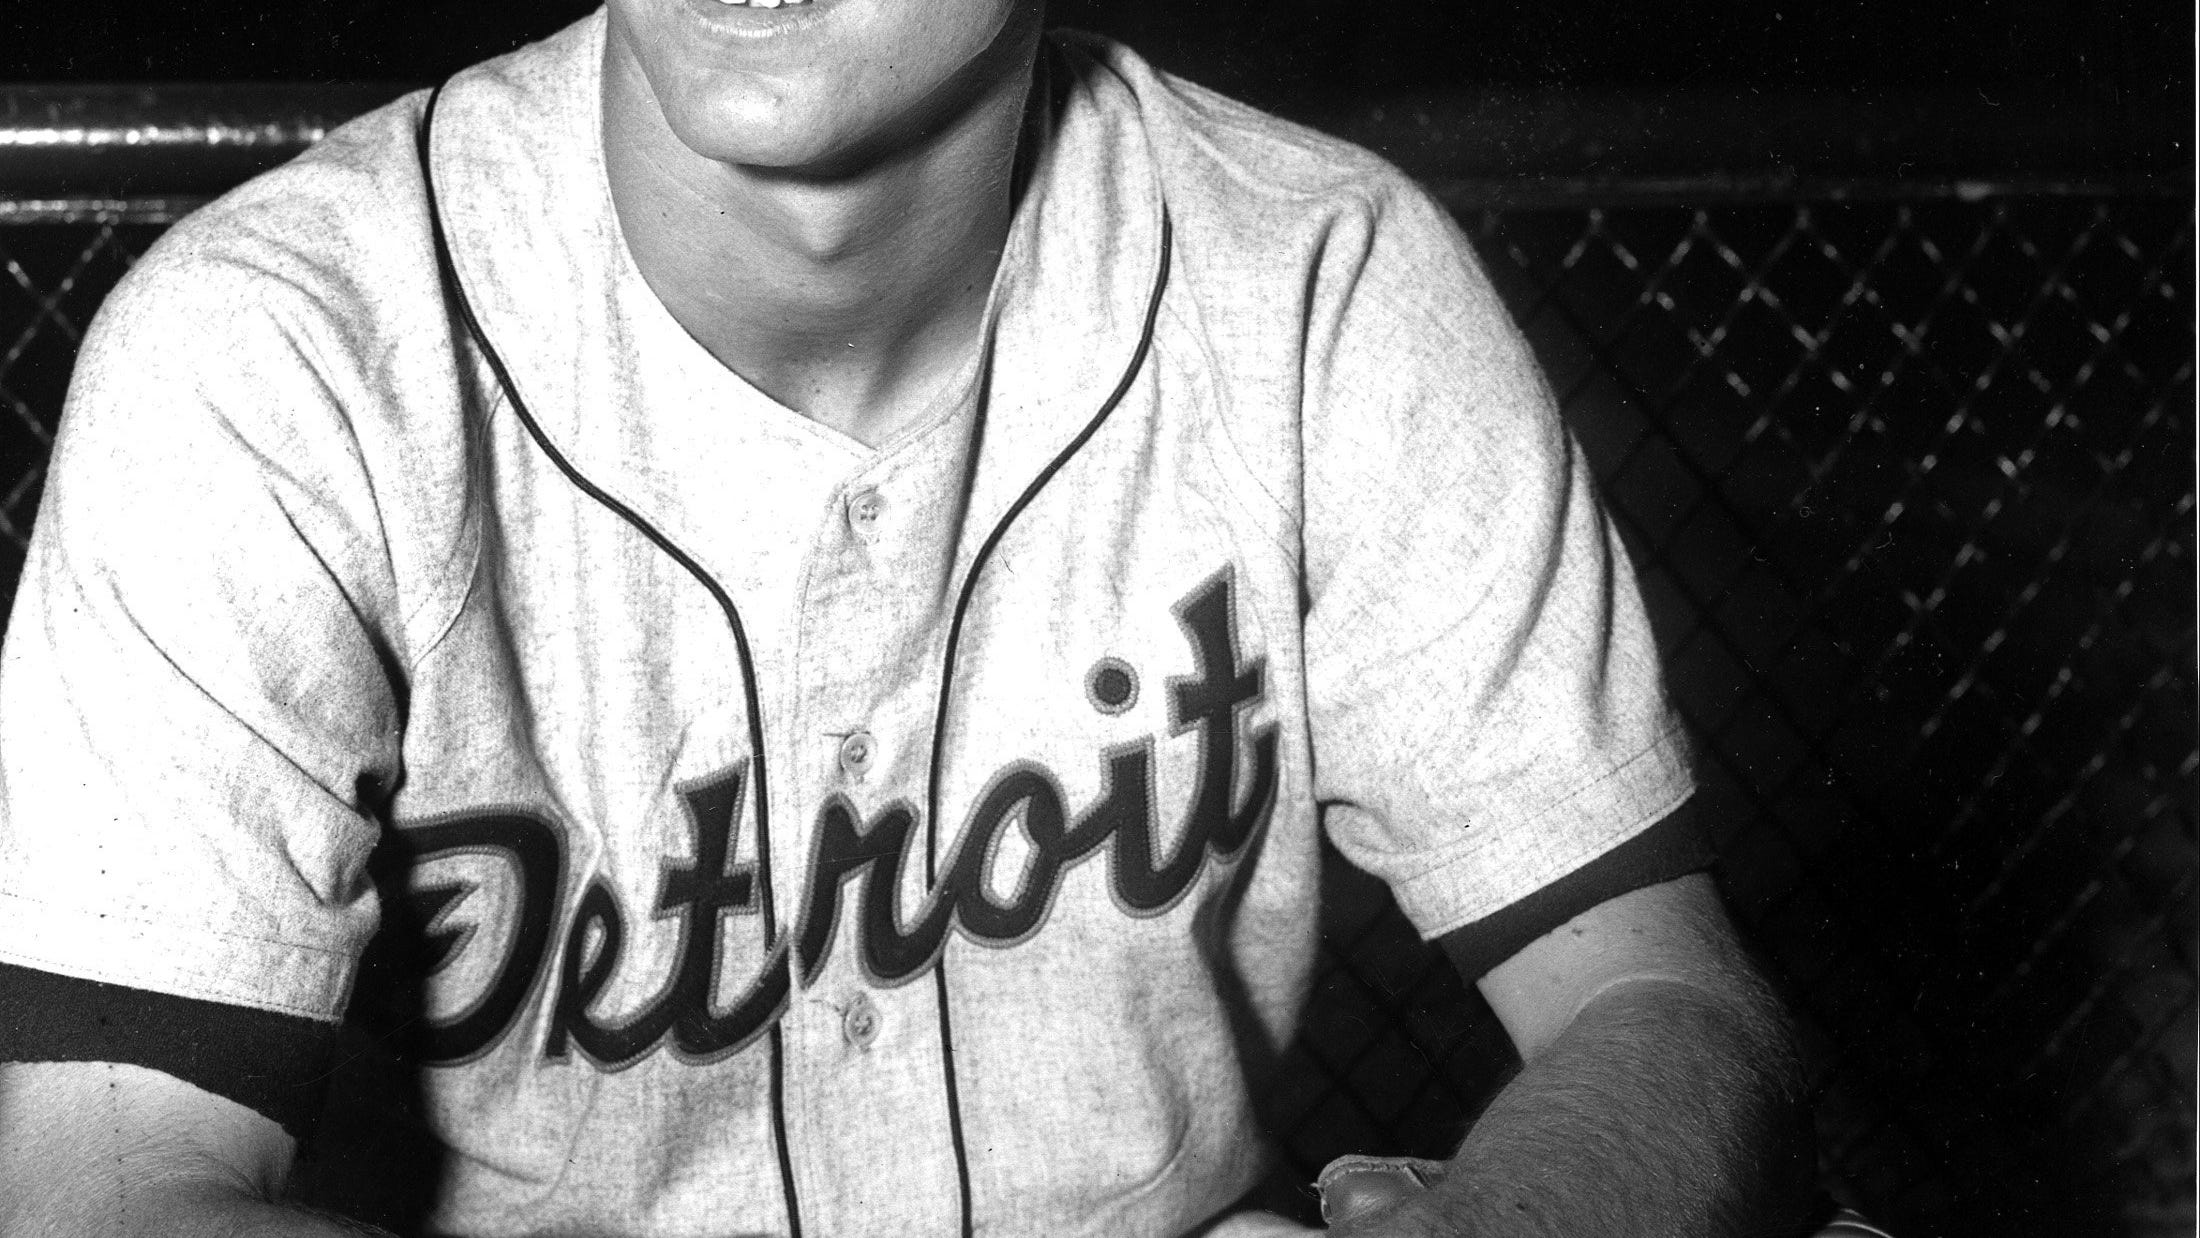 Detroit Tigers legend Al Kaline, 'Mr. Tiger' himself, turns 84 today